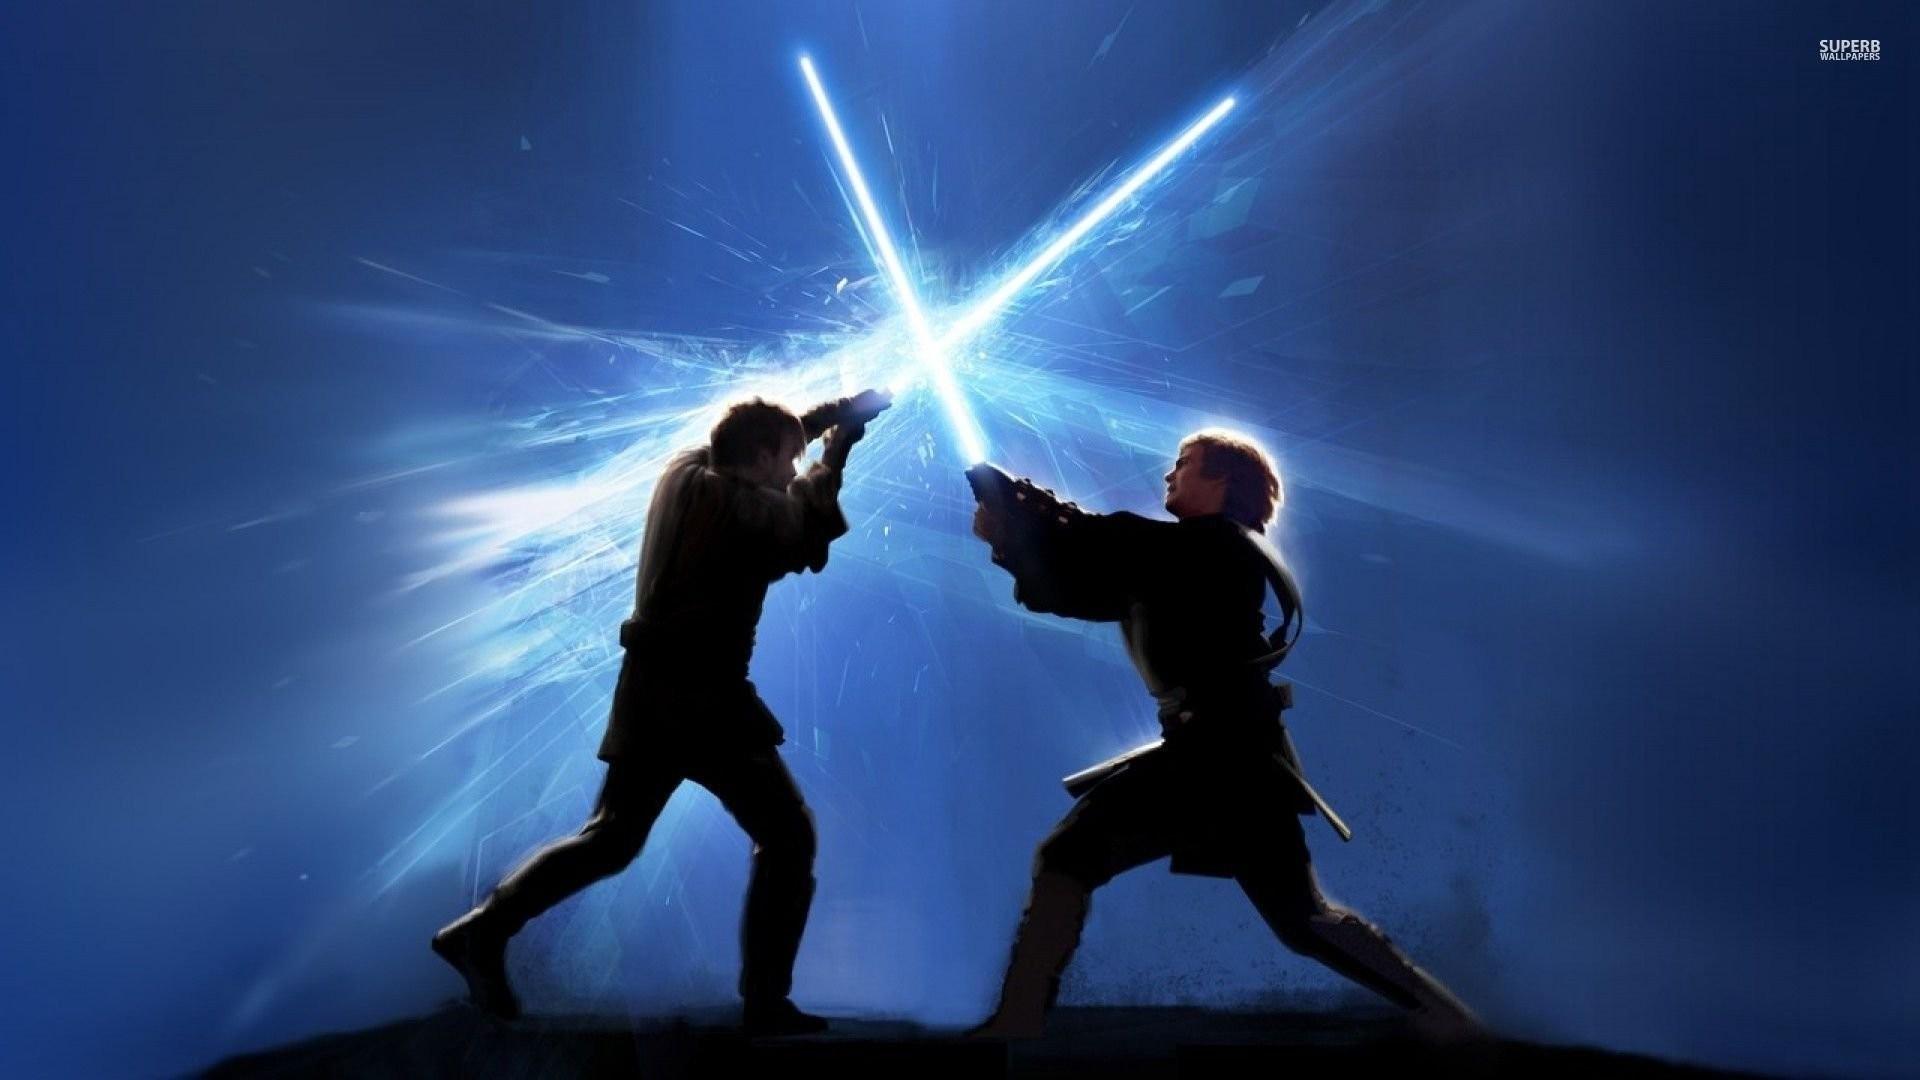 download Star Wars Lightsaber Duel Wallpaper 64 images 1920x1080